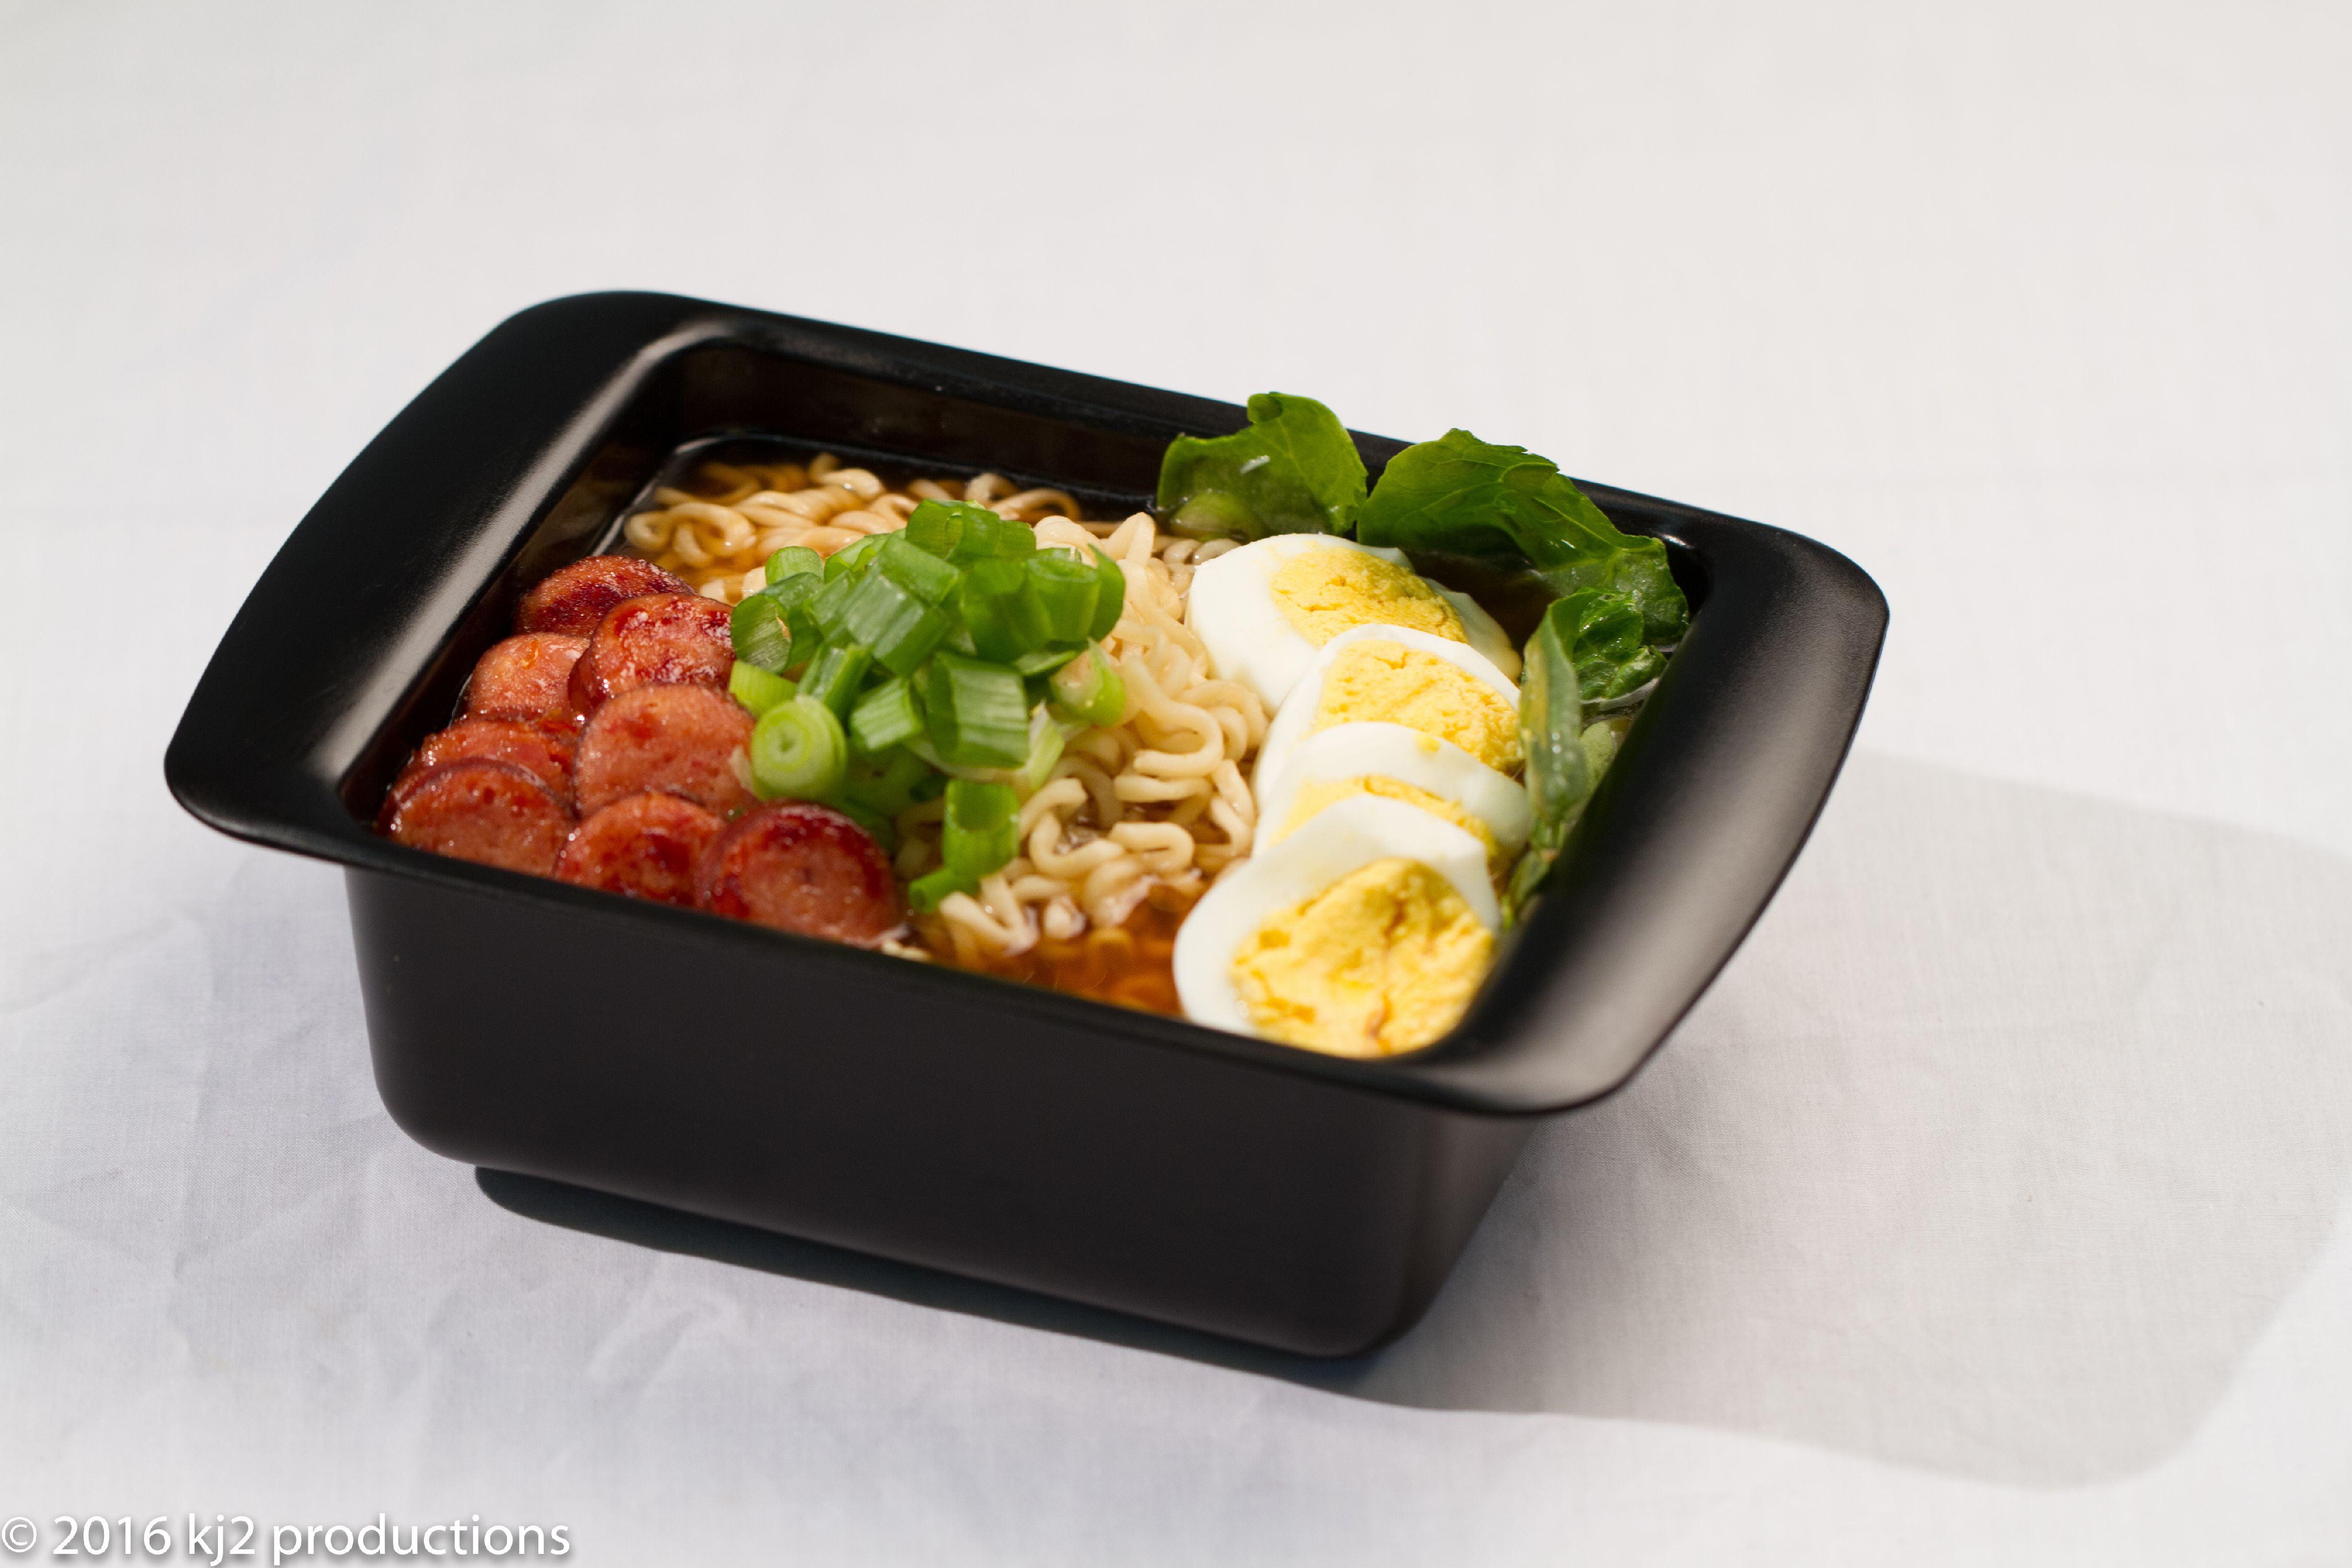 Rapid Brands Rapid Ramen Microwave Cooker Walmart